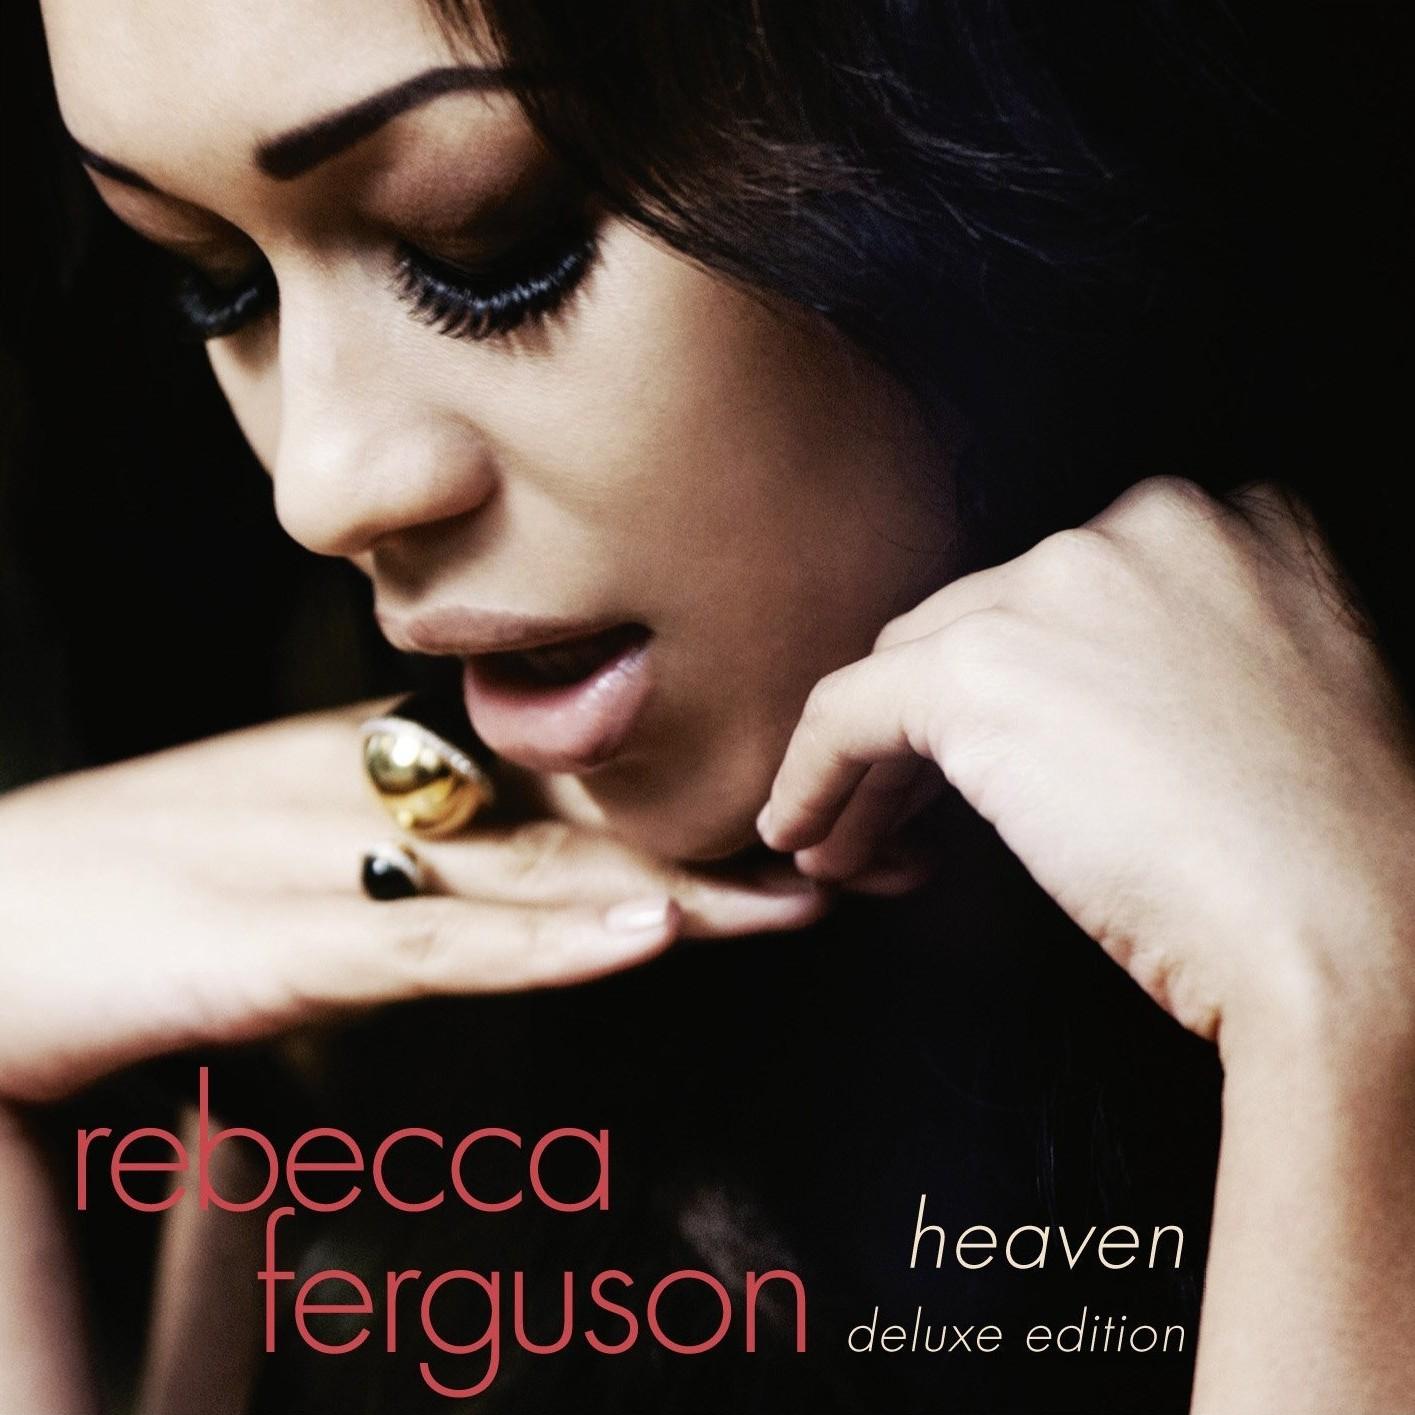 http://4.bp.blogspot.com/-huGQzxLhobI/UIiiKRJUOlI/AAAAAAAADB4/uxTsCPqEvKQ/s1600/Heaven+%5BDeluxeFront%5D.jpg